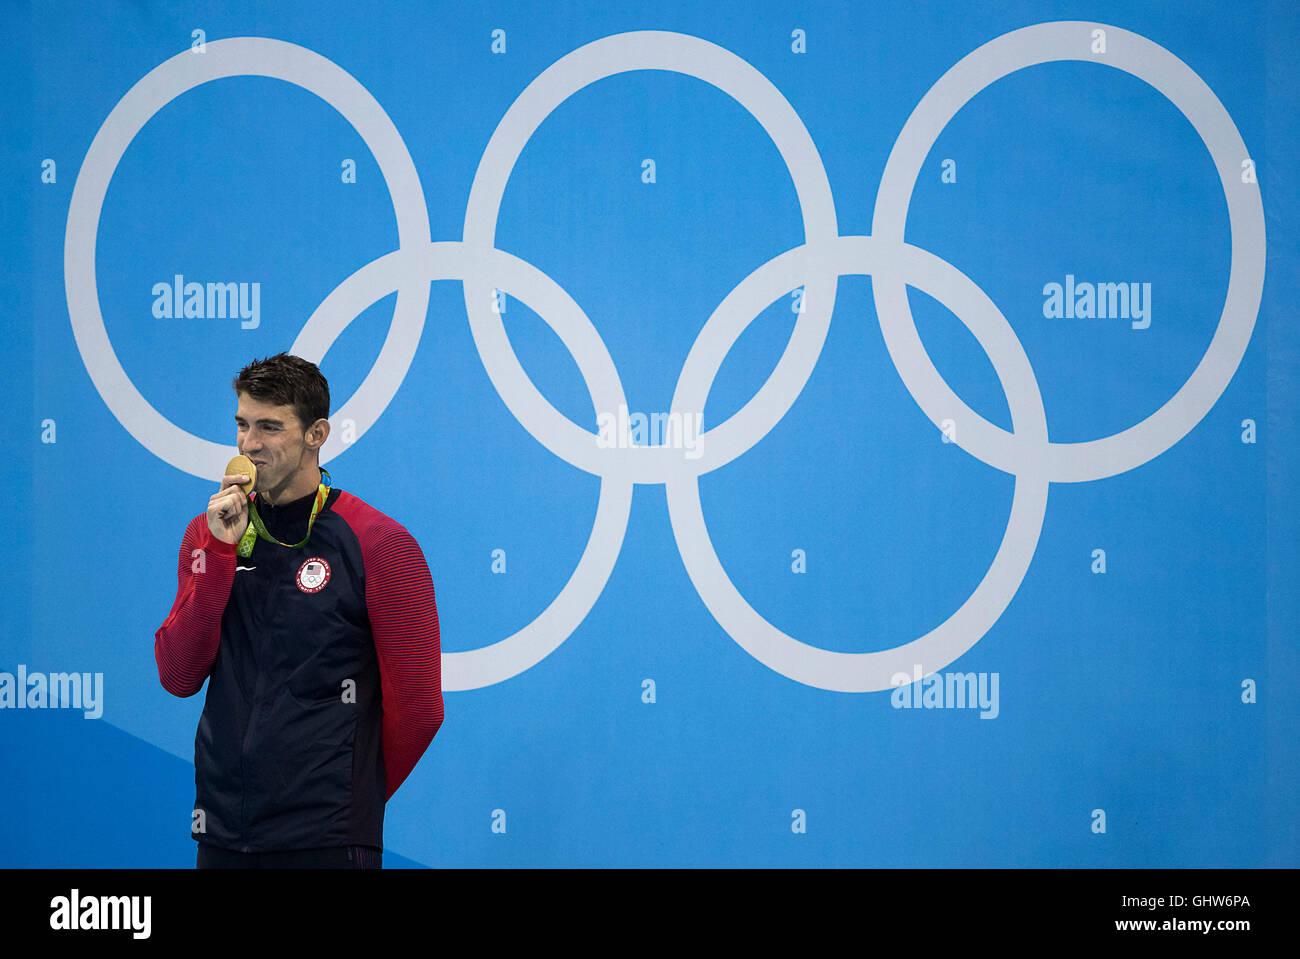 Rio de Janeiro, RJ, Brésil. Août 11, 2016. Natation JEUX OLYMPIQUES: Michael Phelps (USA) réagit Photo Stock